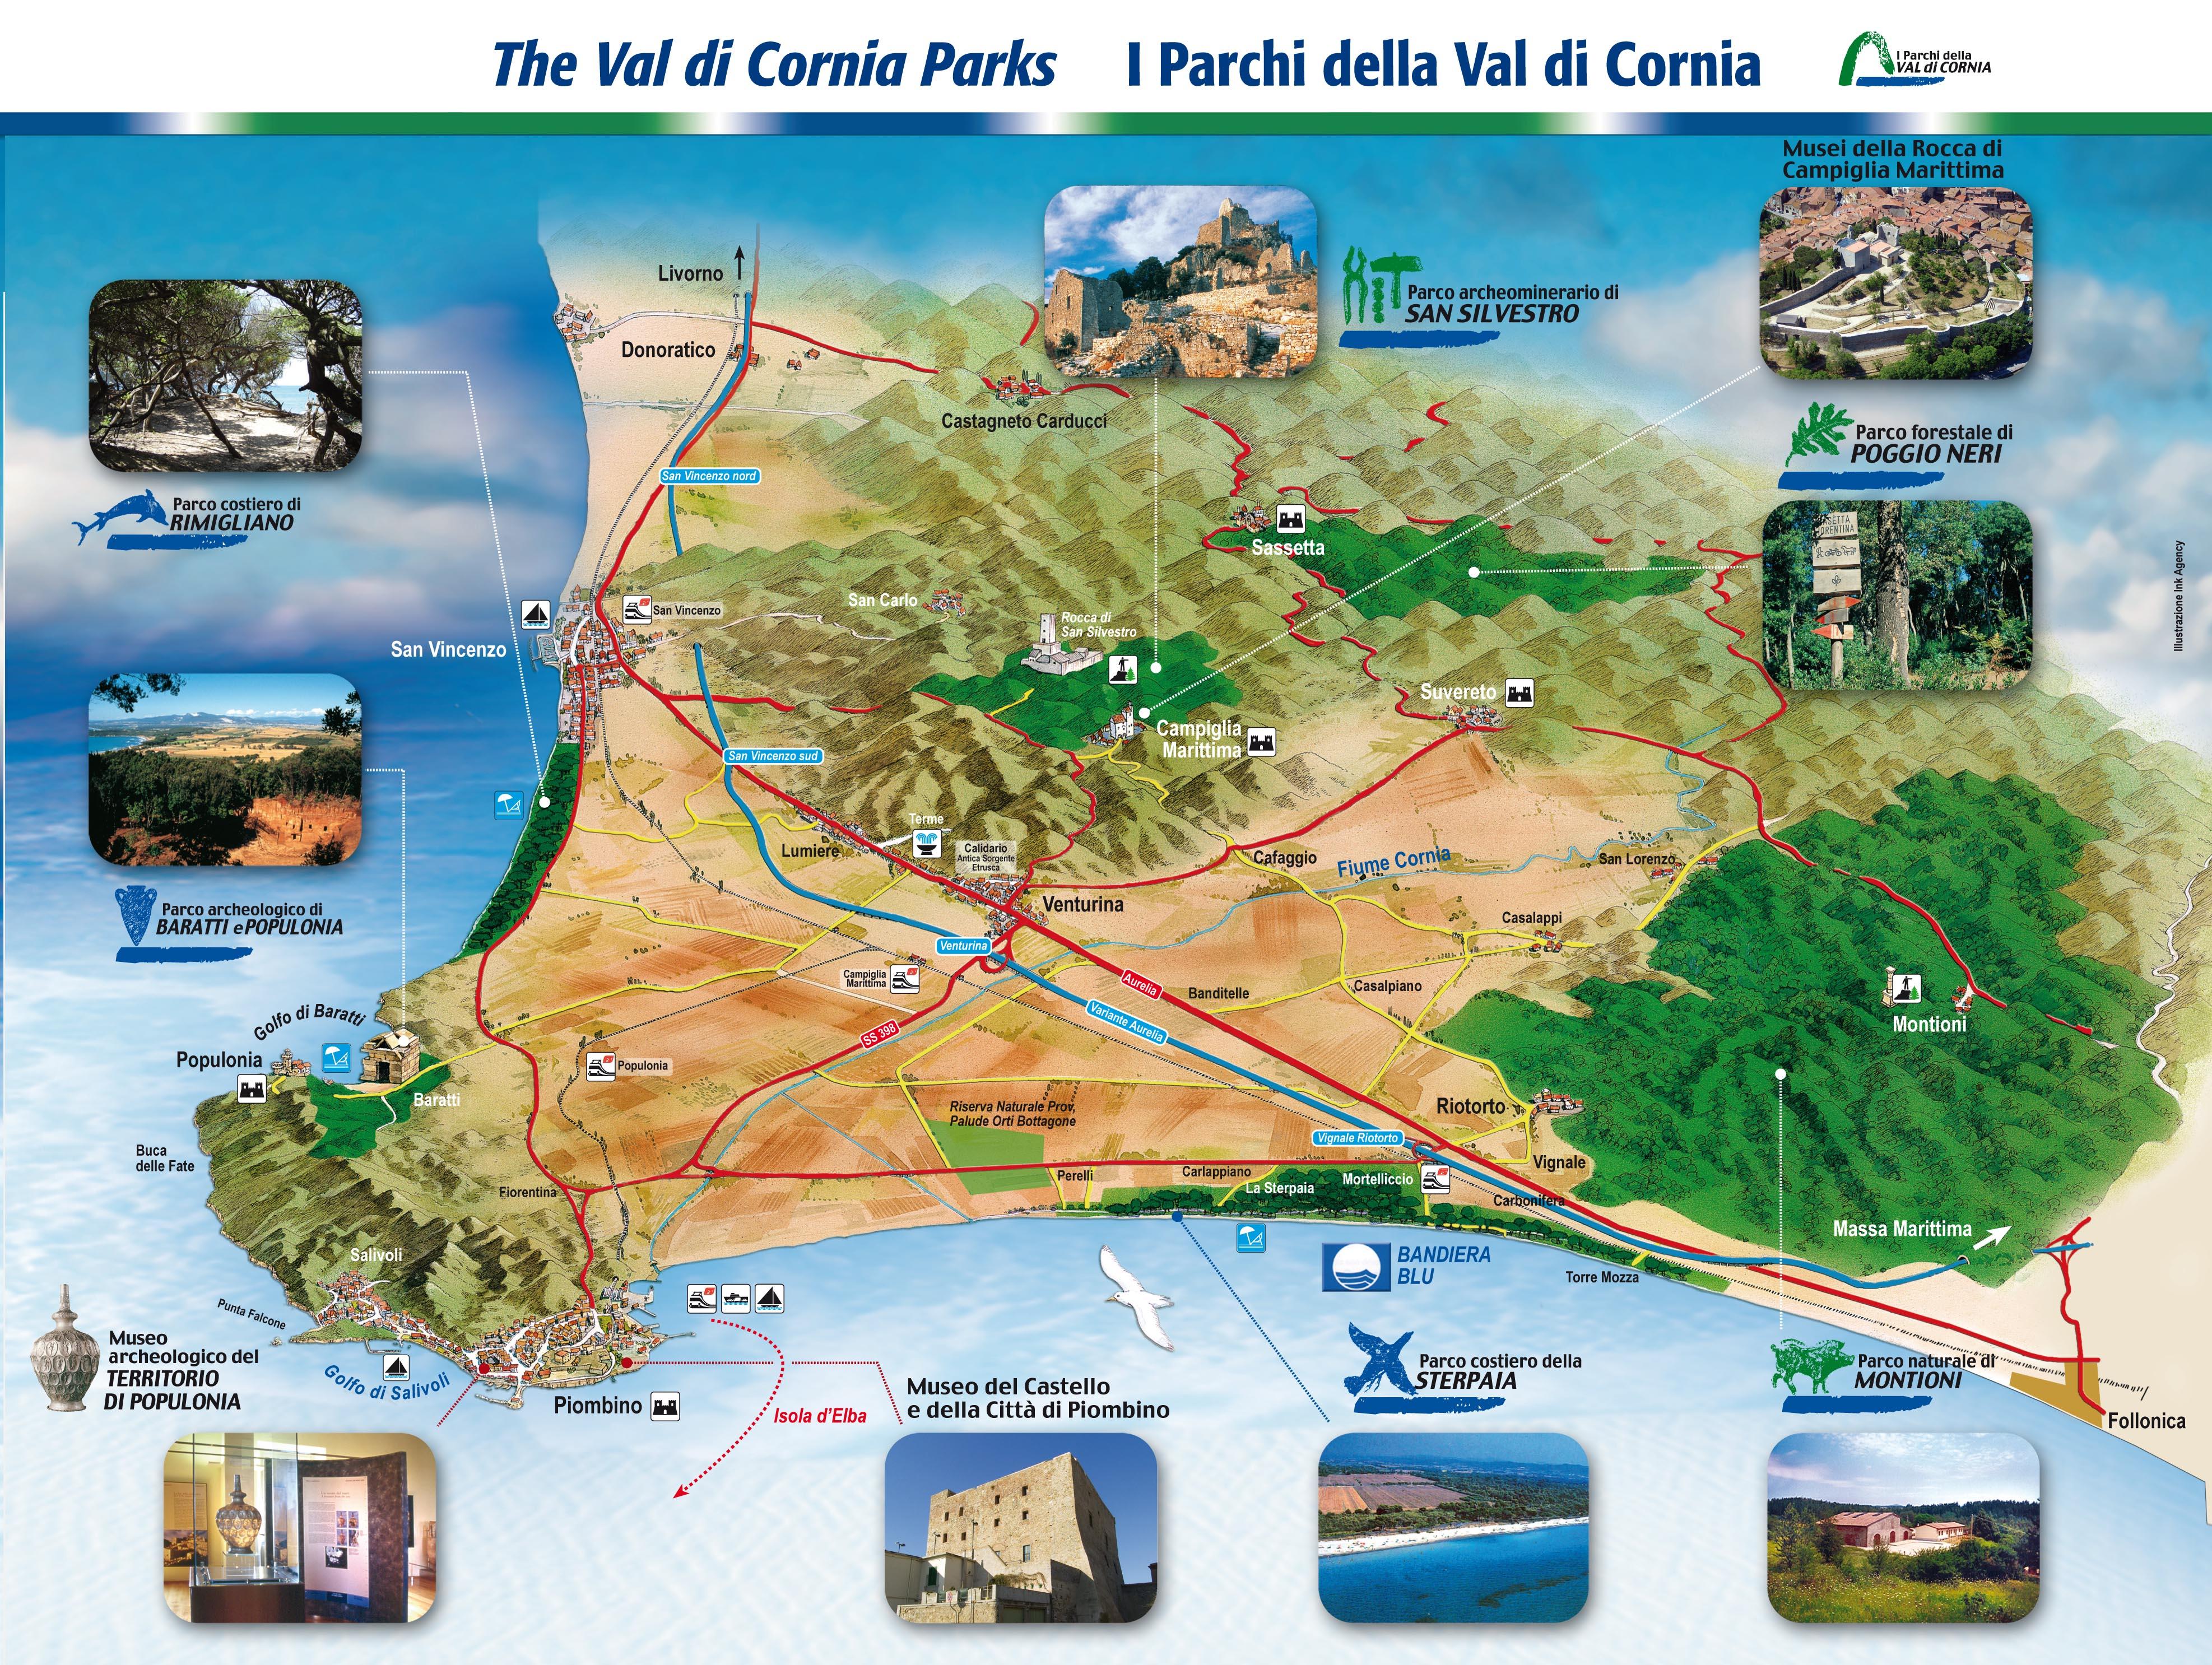 Die Val di Cornia Parks